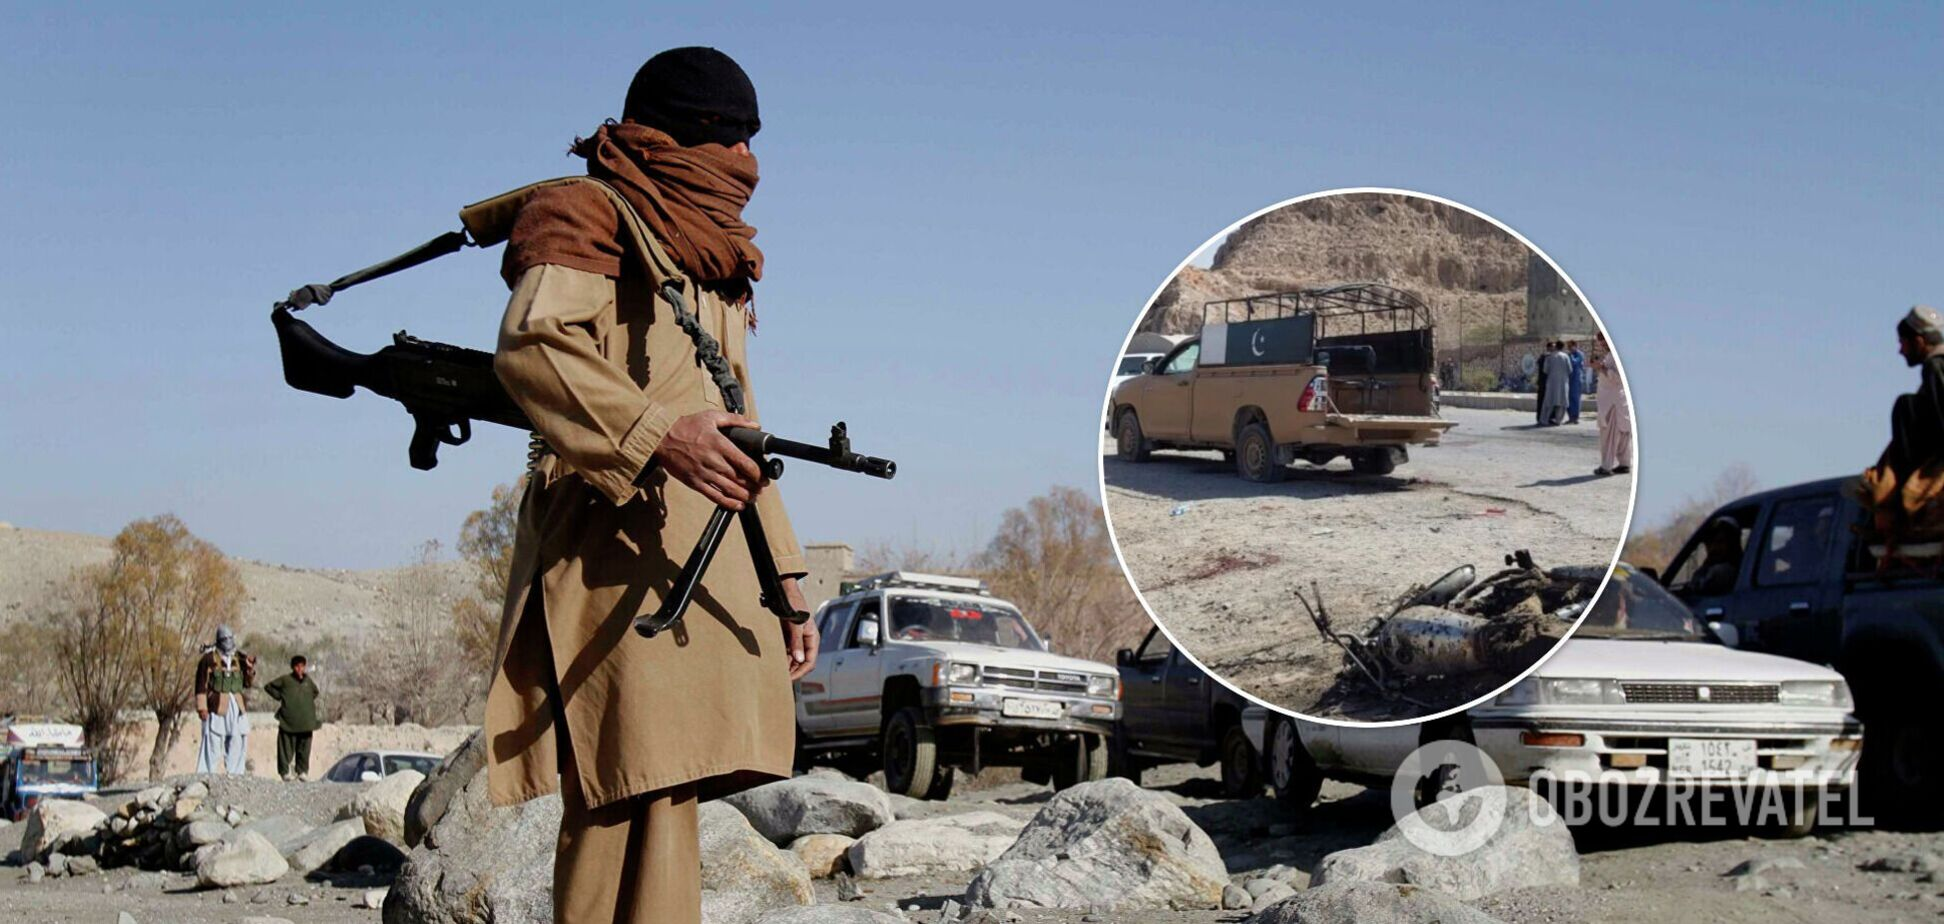 В Пакистане террорист-смертник взорвал бомбу на блокпосту: 4 человека погибли, 19 ранены